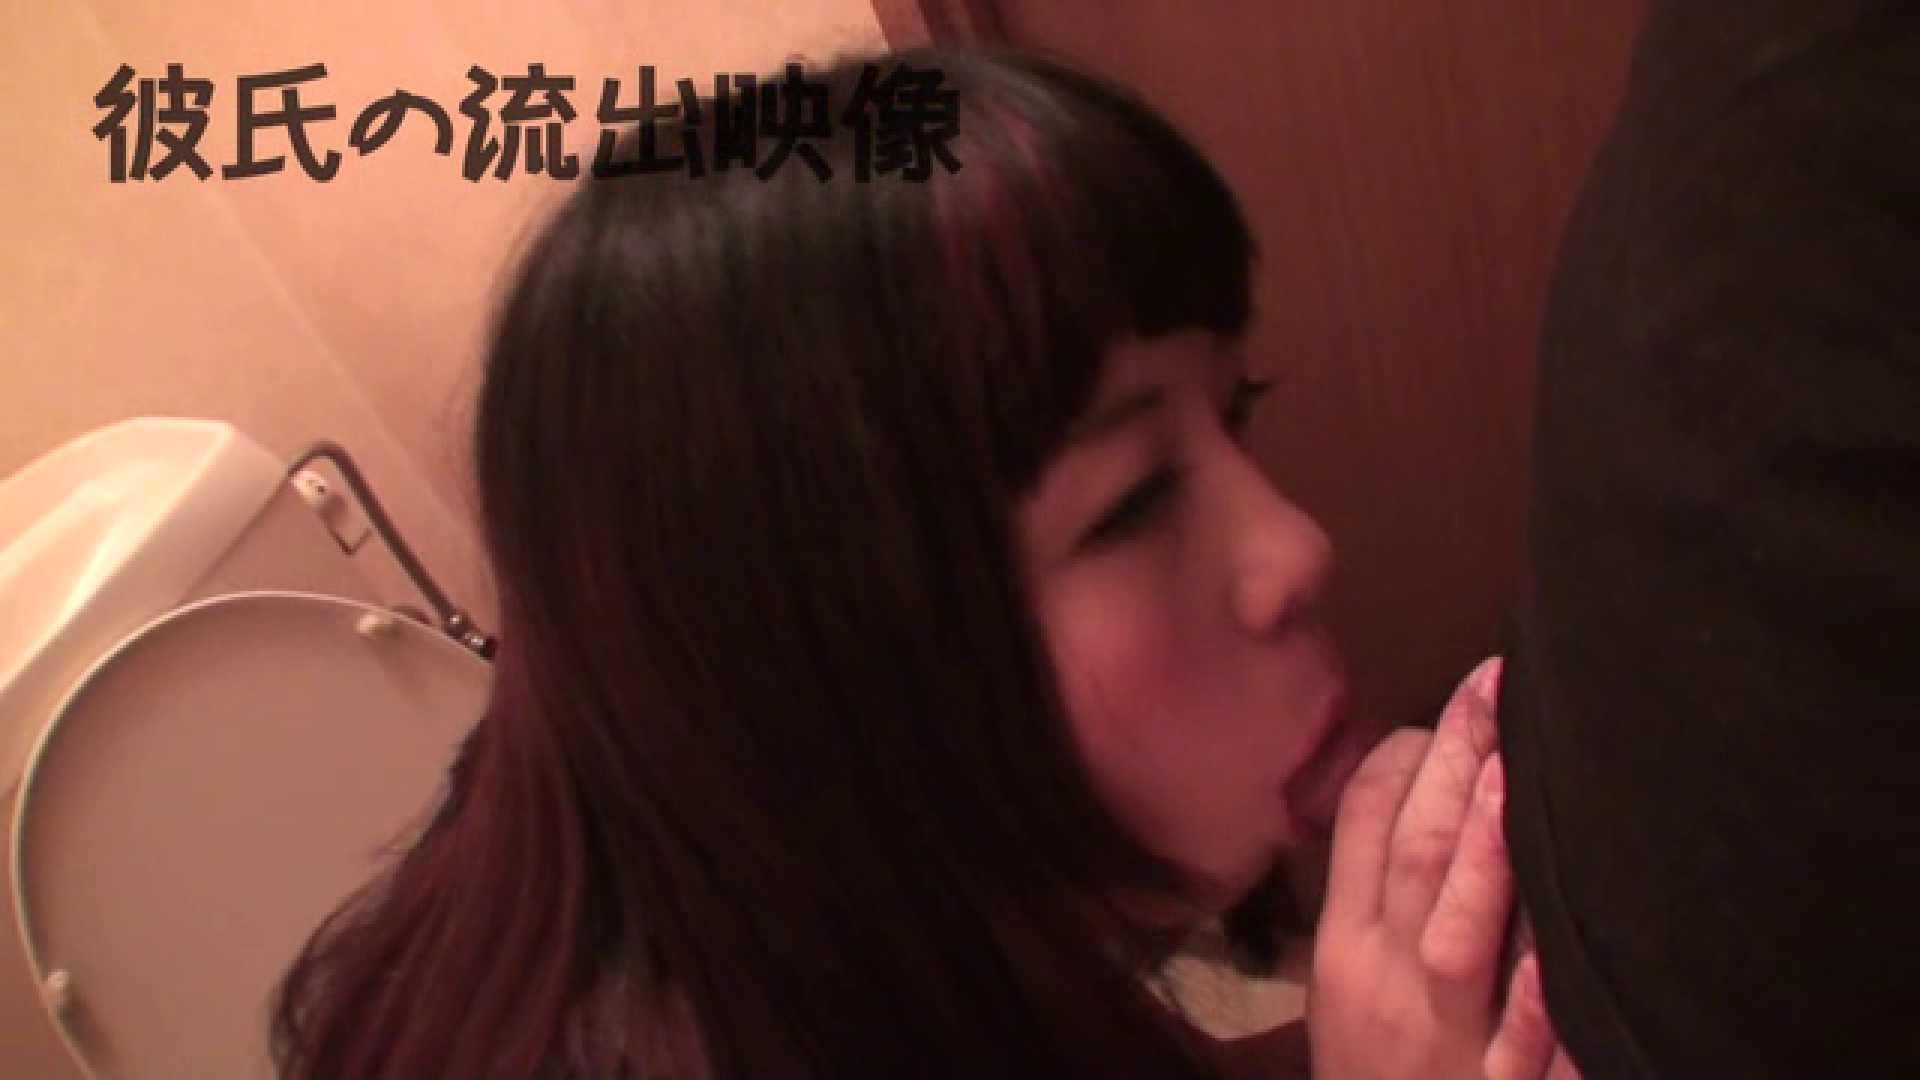 彼氏が流出 パイパン素人嬢のハメ撮り映像 パイパンギャル | 一般投稿  68画像 11